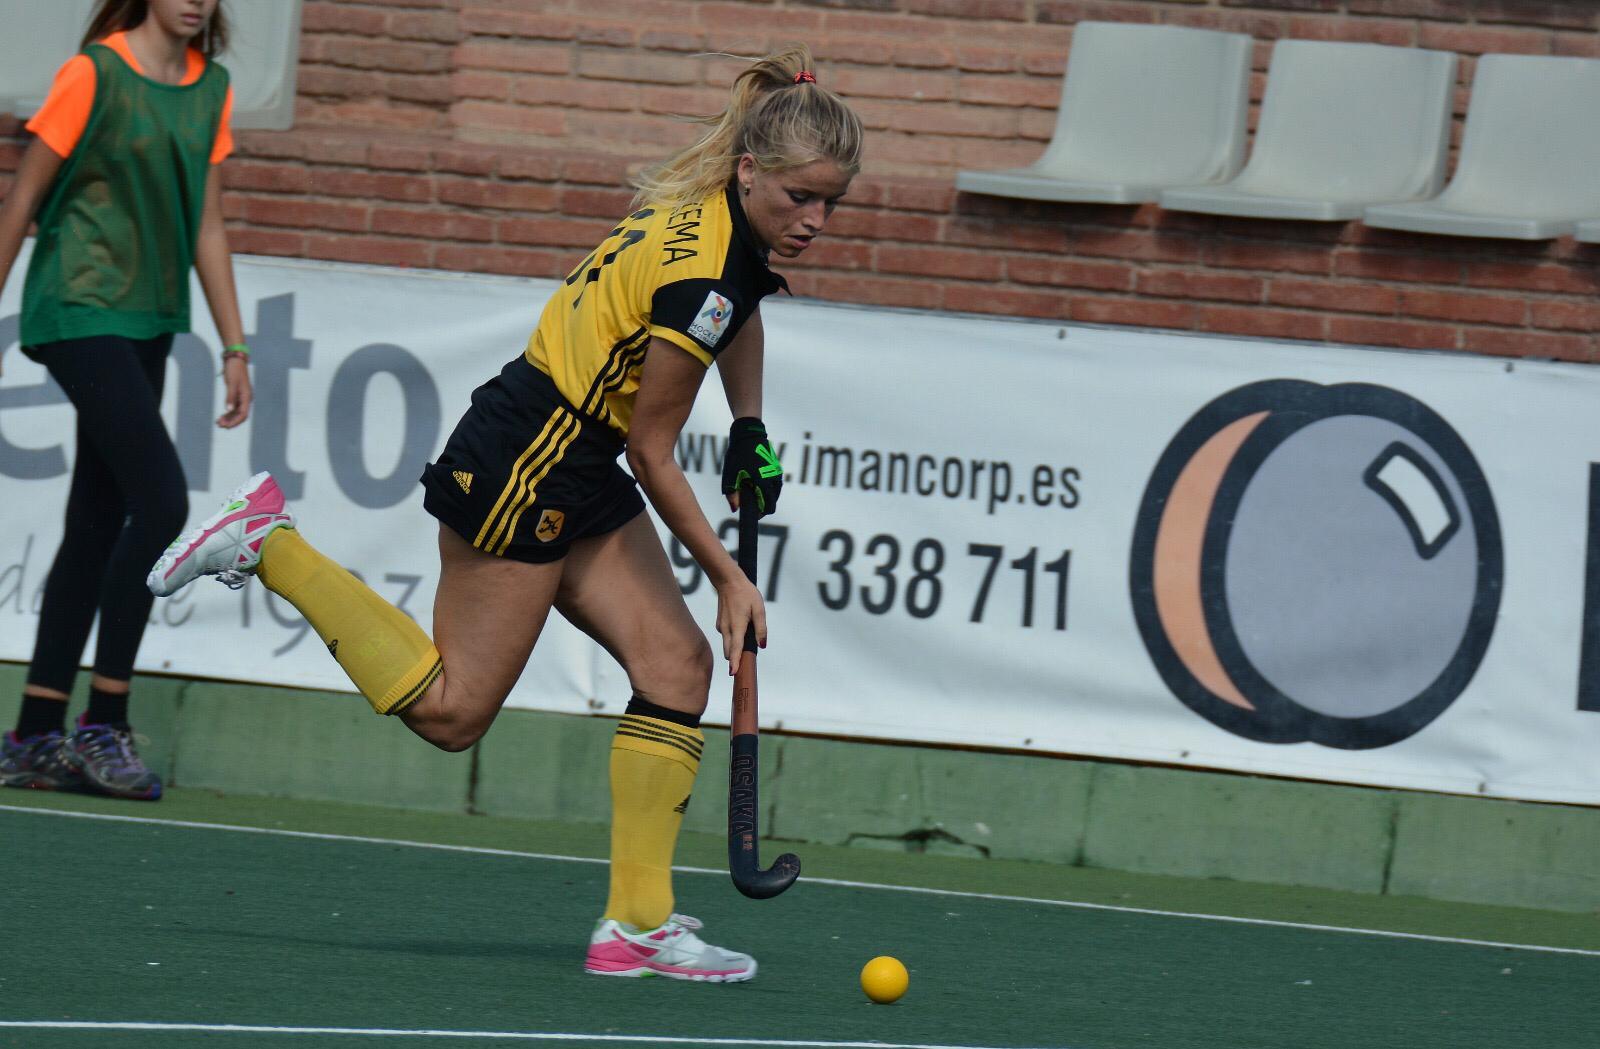 De internationale hockeydrang van Sierou Frankema brengt haar in verschillende uitdagende landen